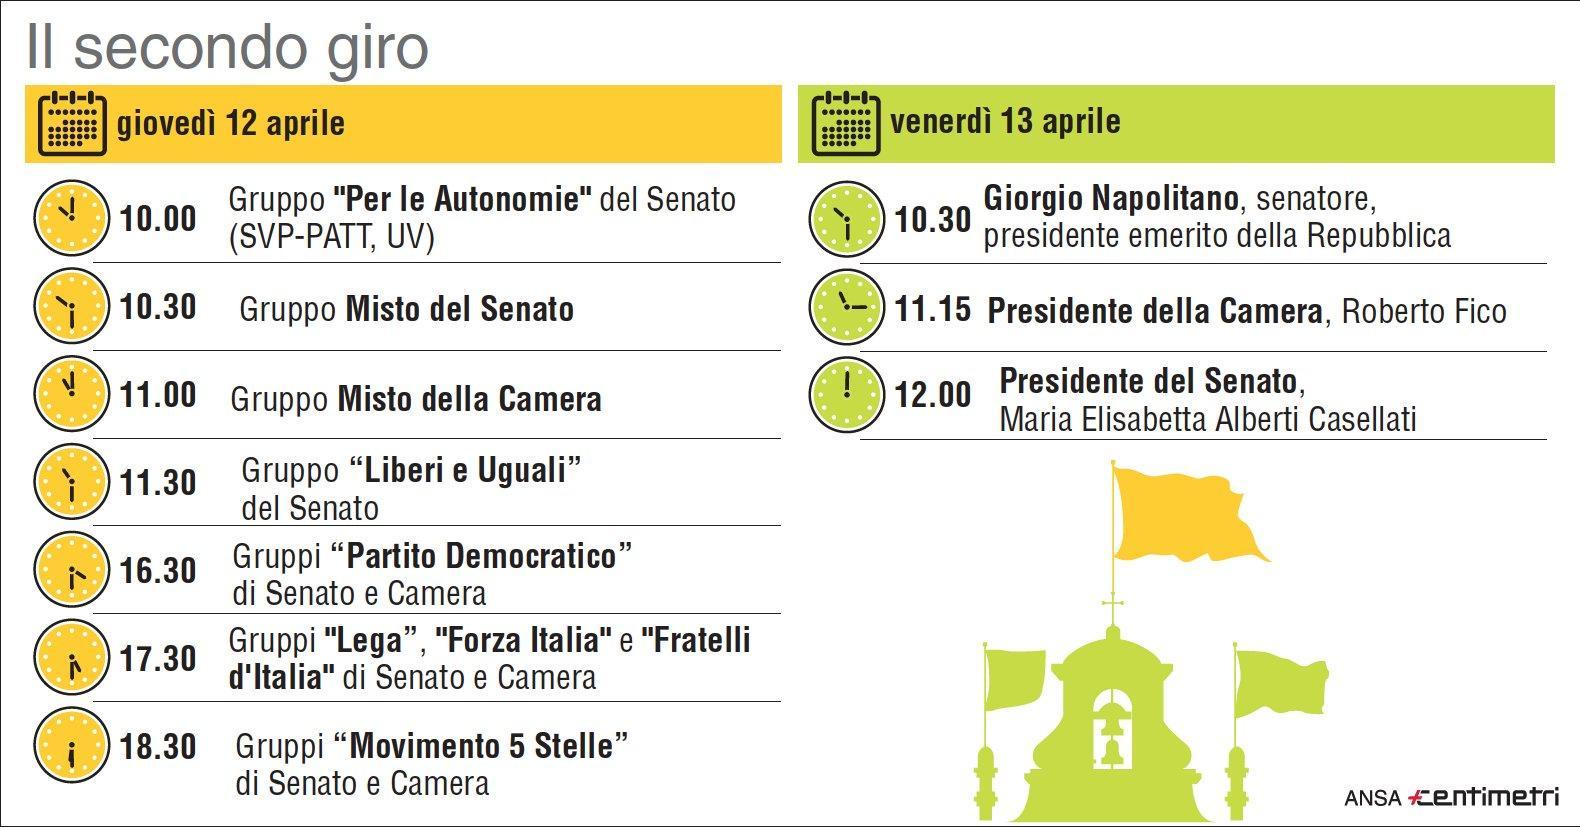 Governo, il calendario del secondo giro di consultazioni